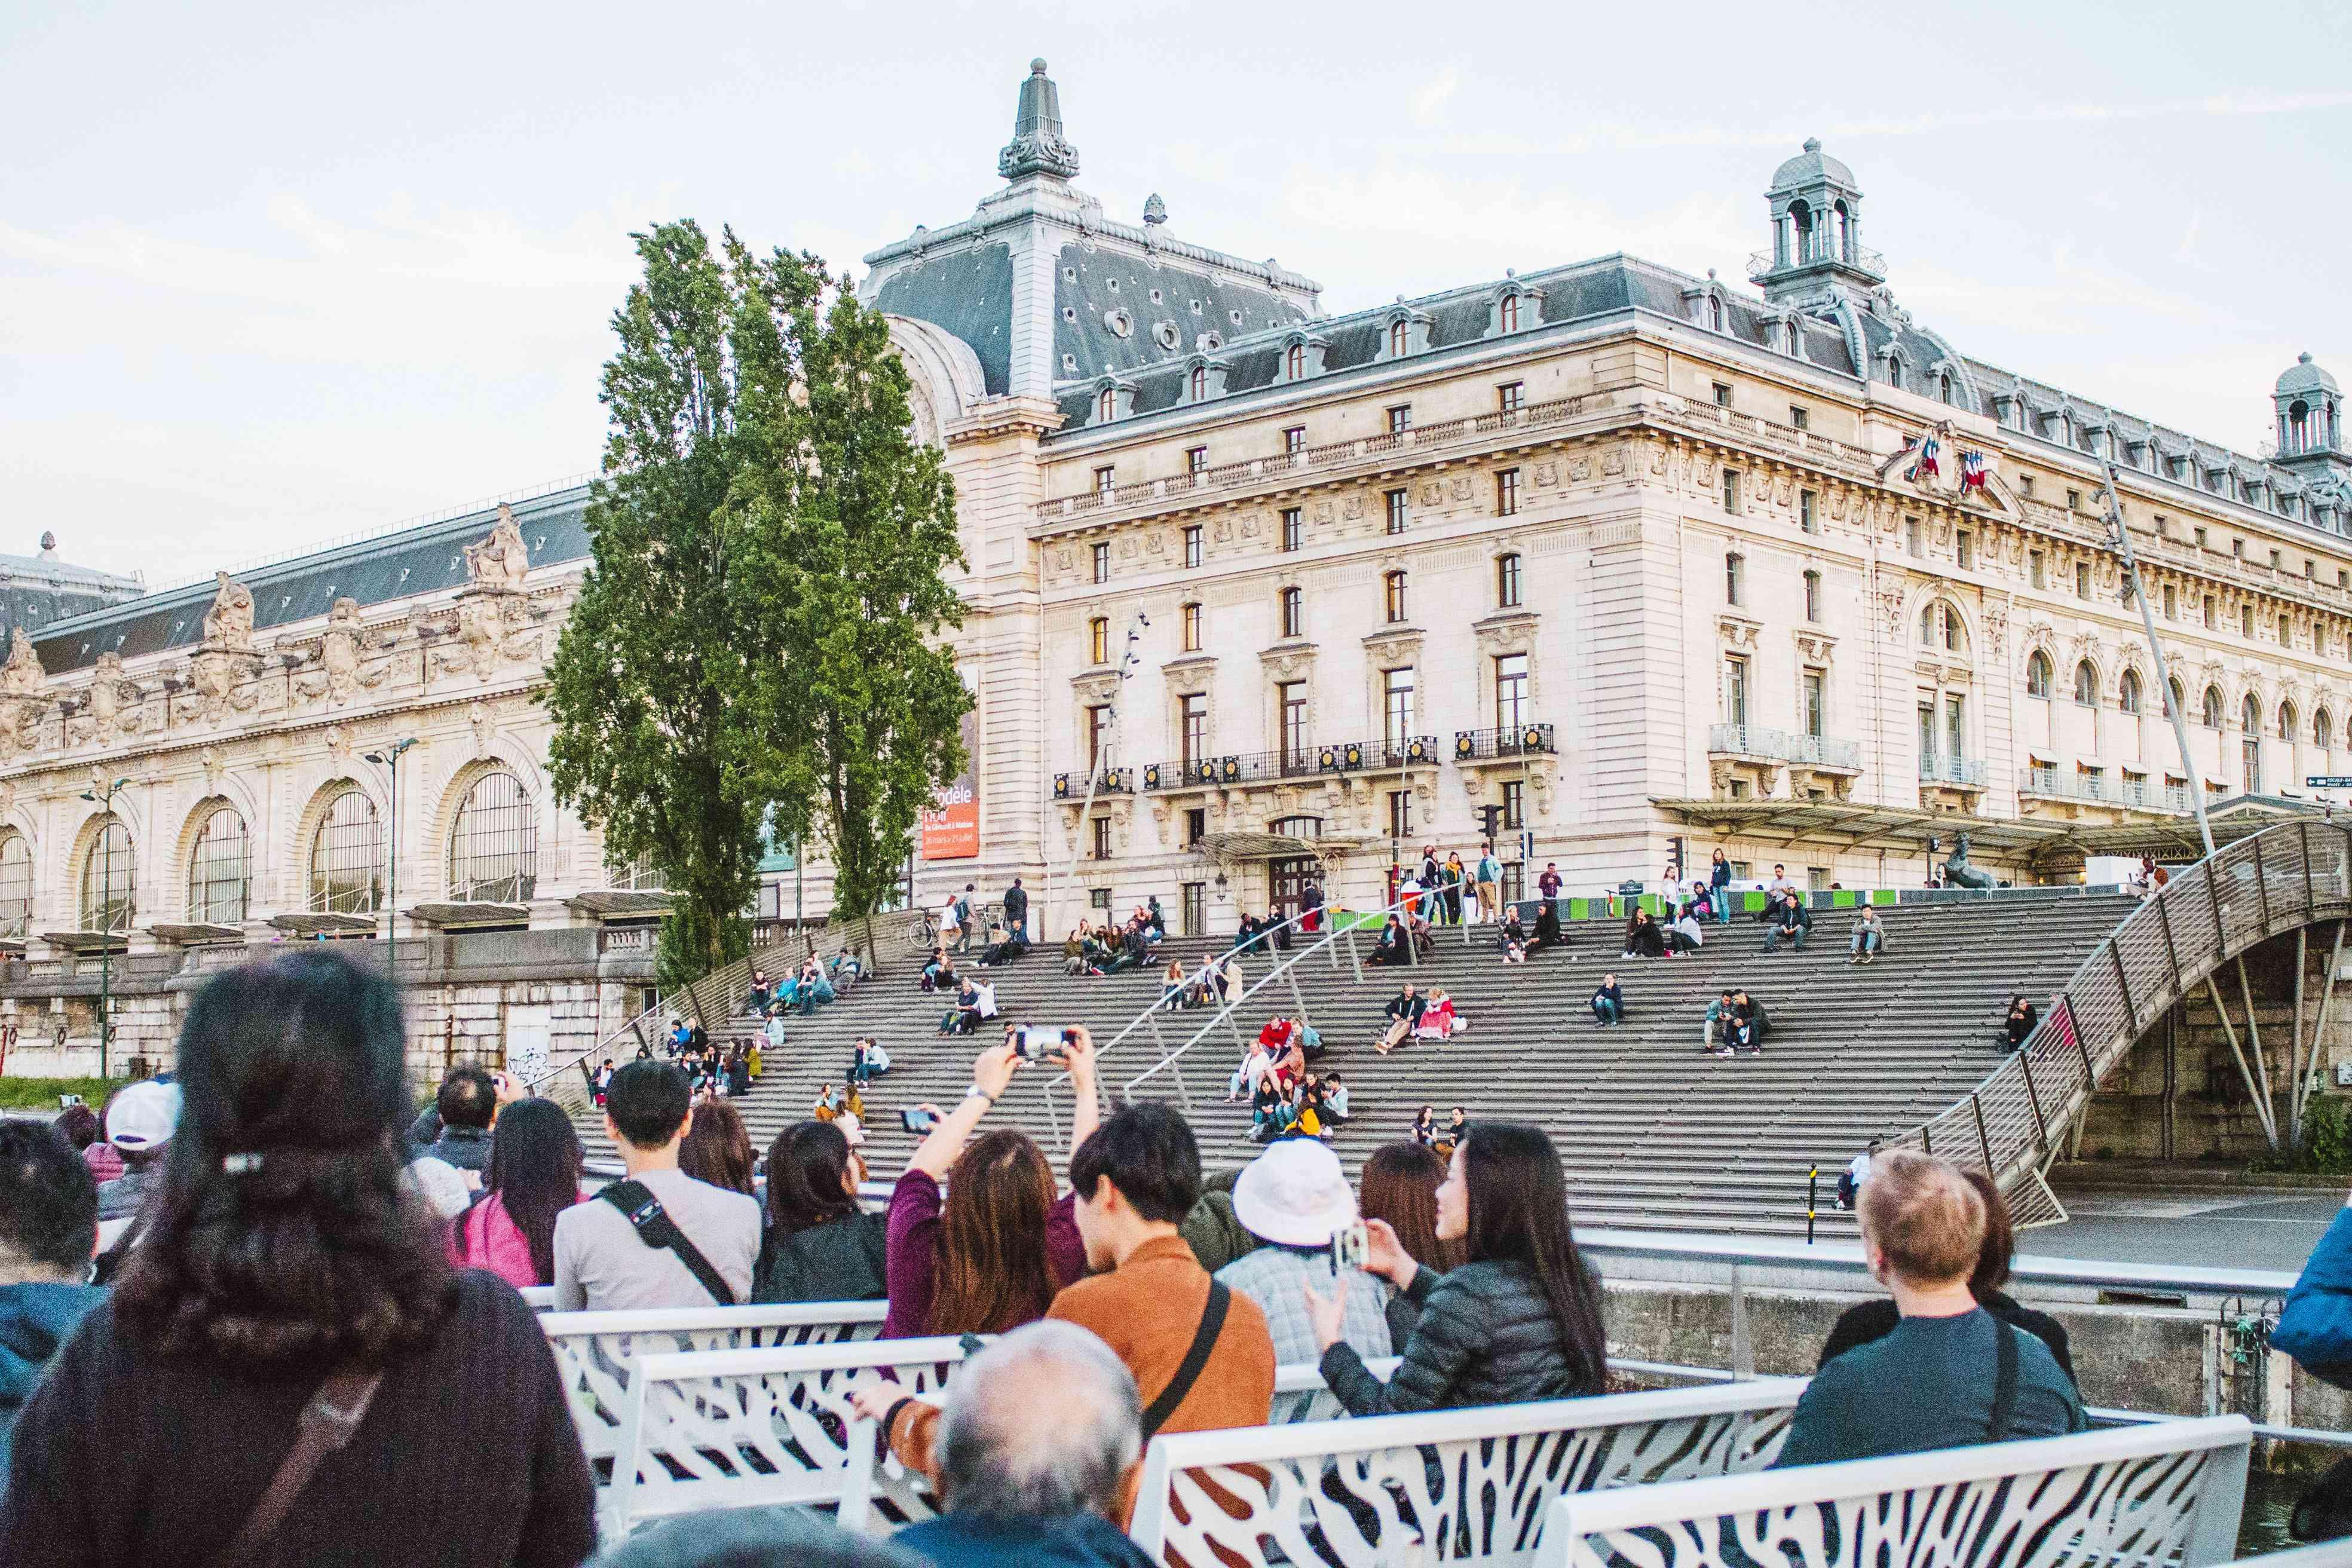 Gente sentada en las escaleras junto al río Sena